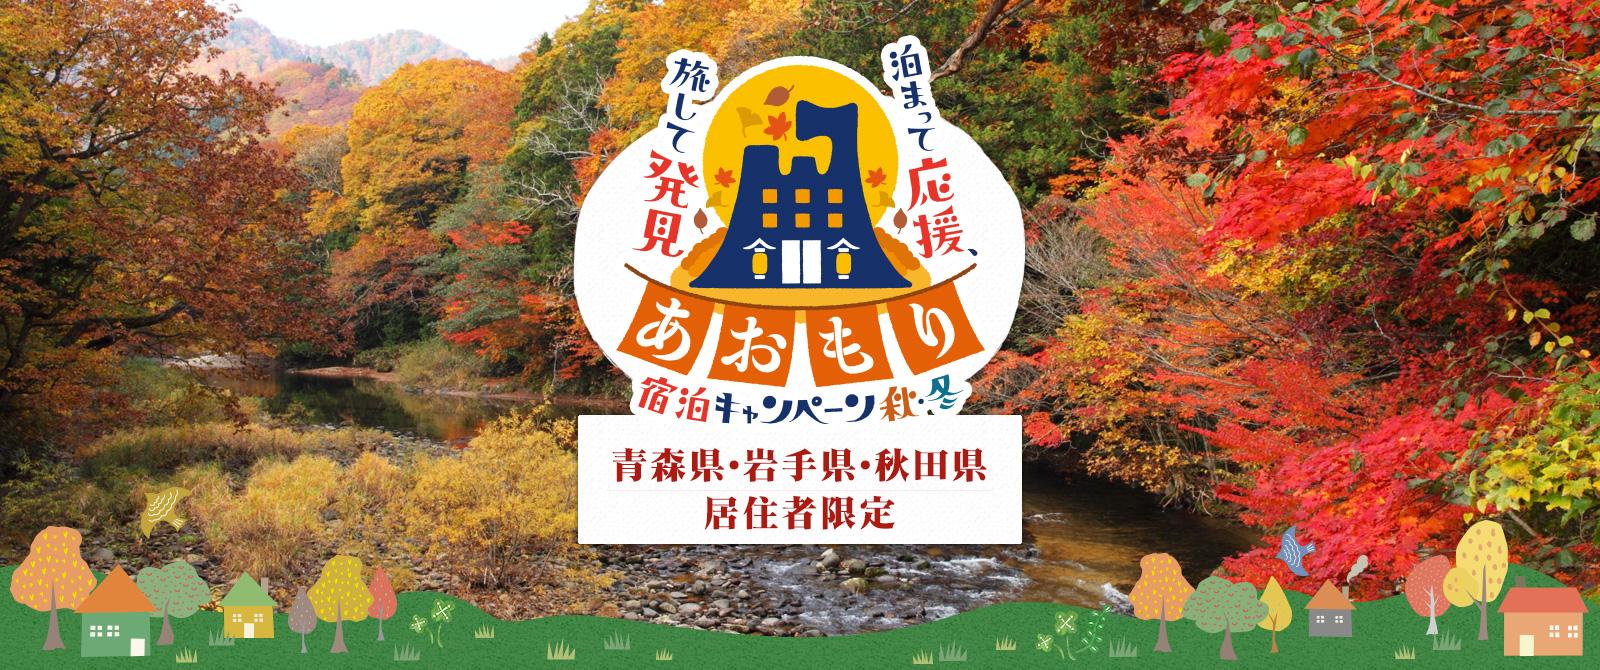 青森 県民 宿泊 キャンペーン